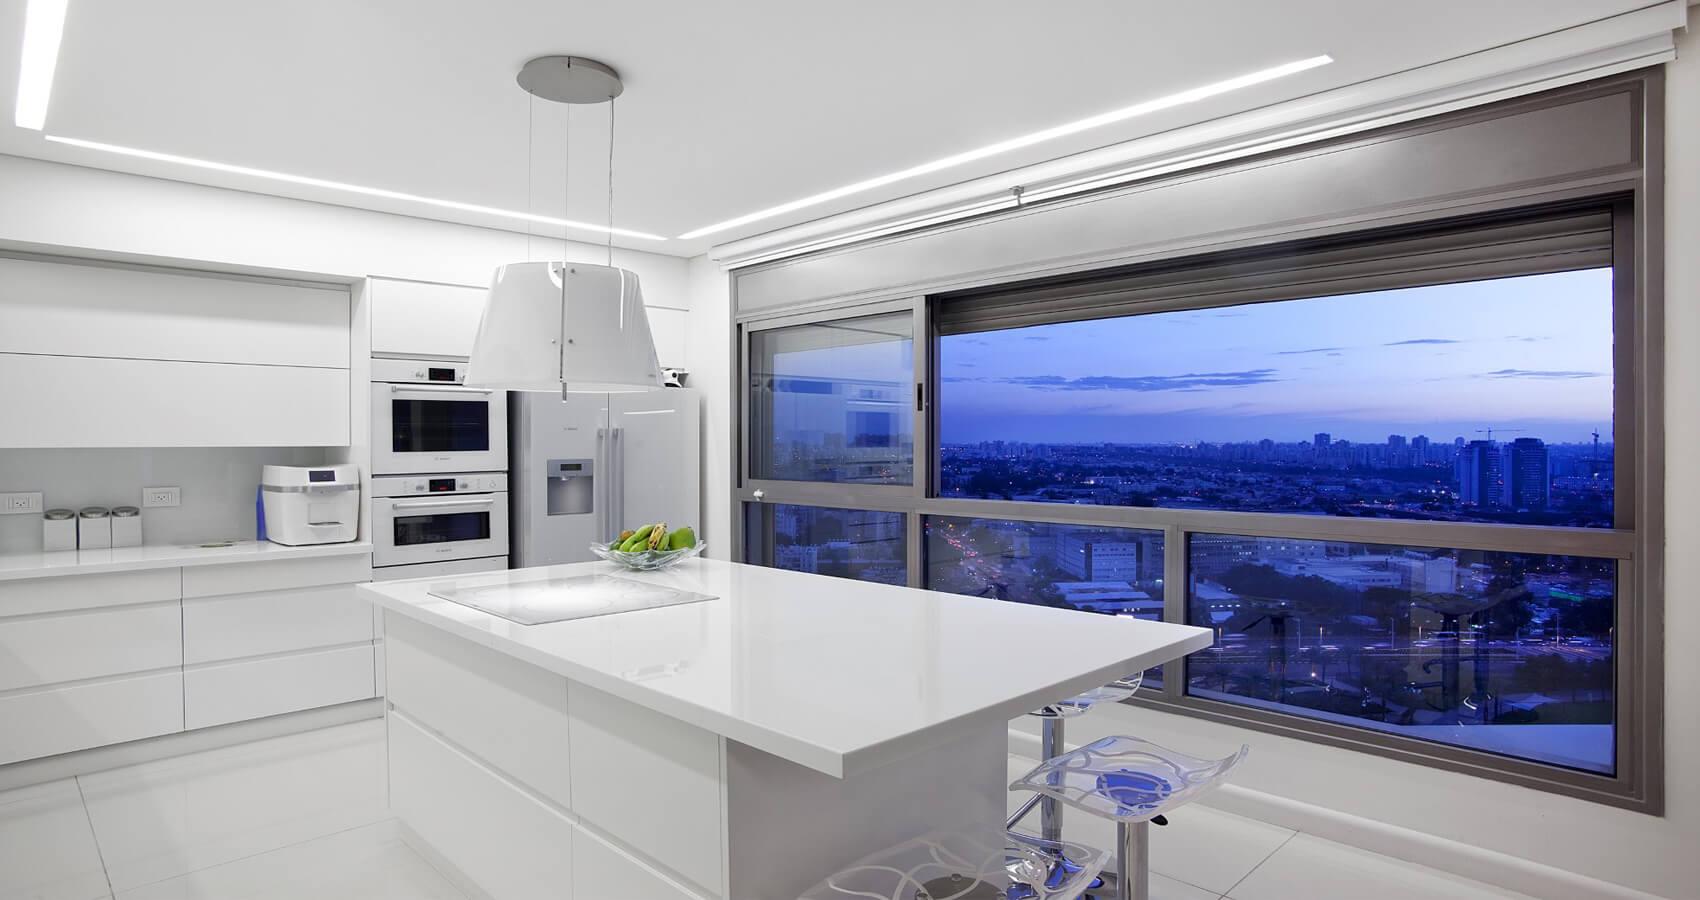 הטרנדים המובילים של אדריכלים בעת עיצוב מטבח מודרני